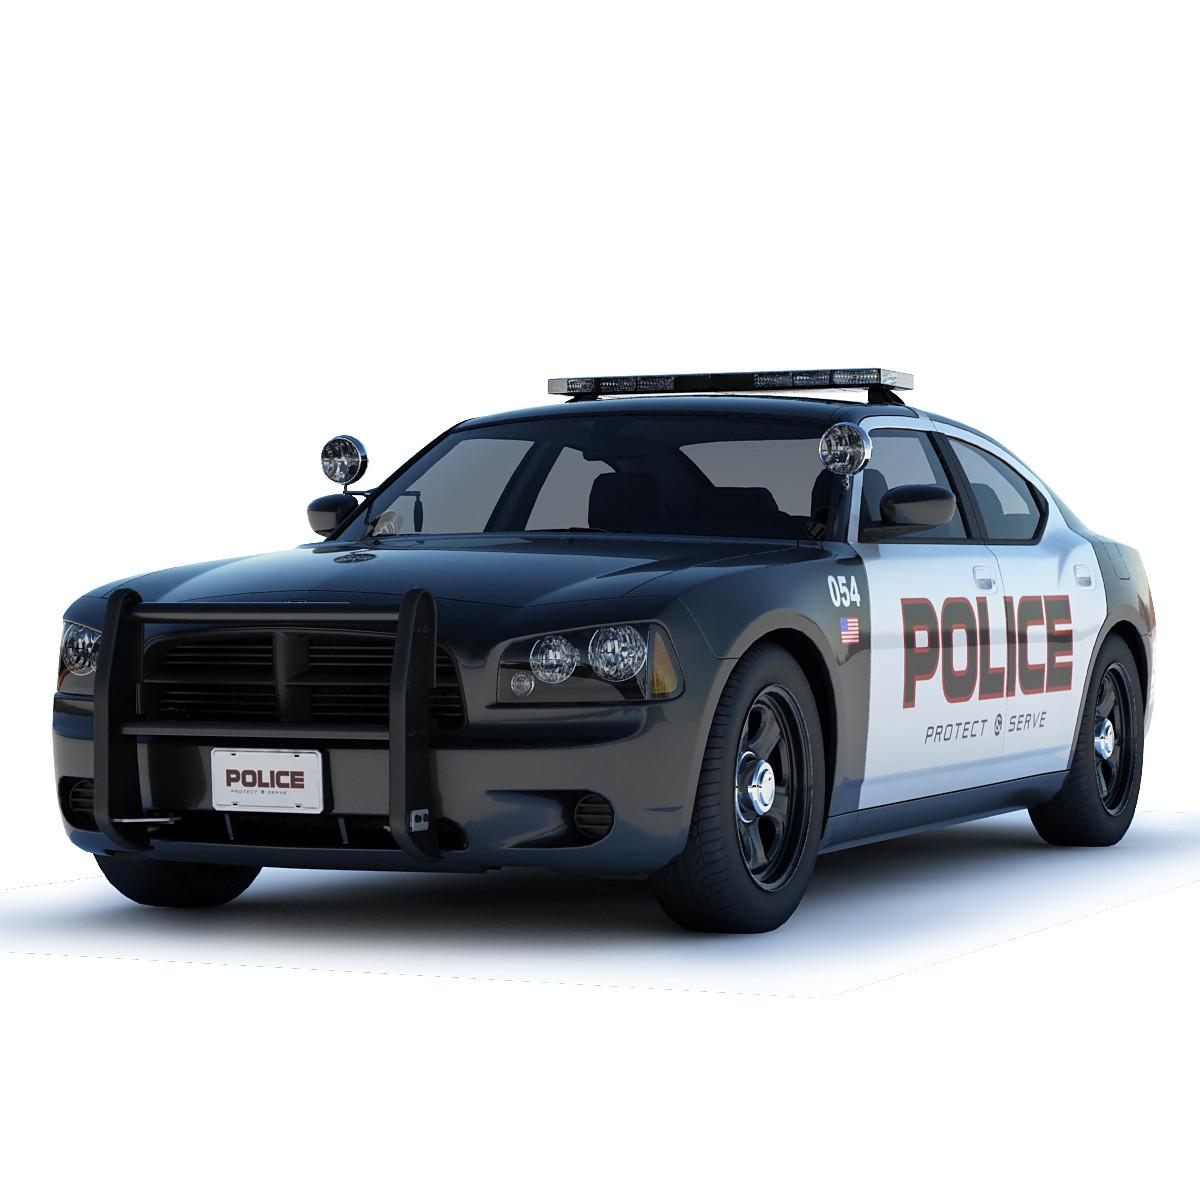 maya dodge charger police car. Black Bedroom Furniture Sets. Home Design Ideas